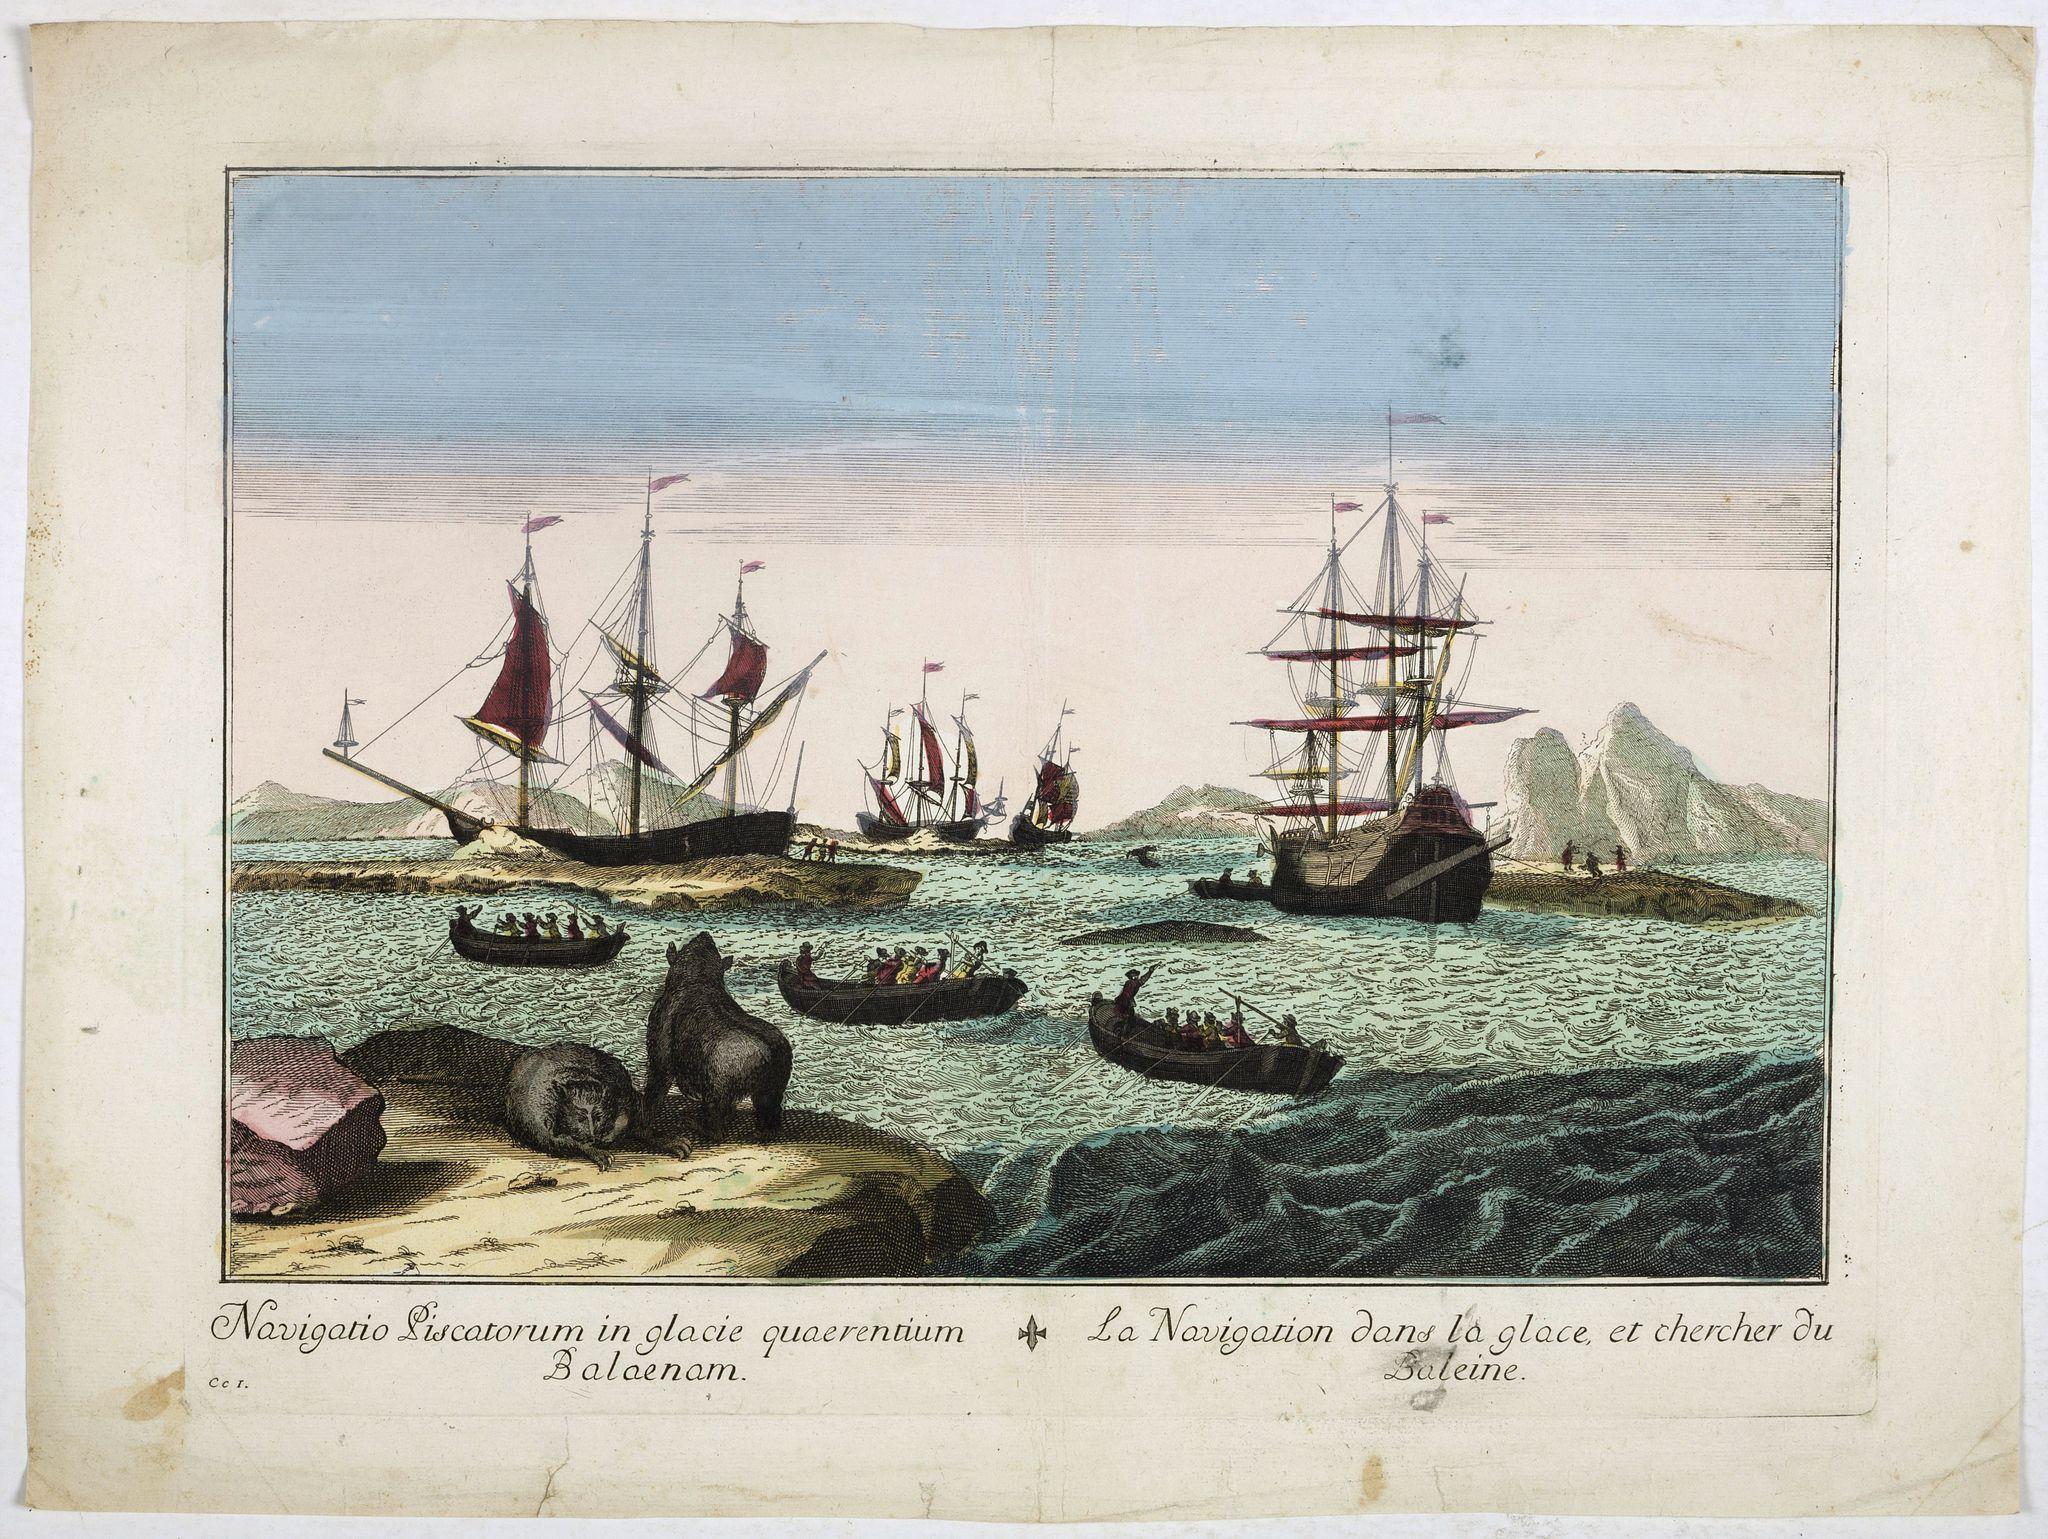 ANONYMOUS -  Navigatio Piscatorum in glacie quaerentium Balaenam / La navigation dans la glace, et chercher du Baleine.